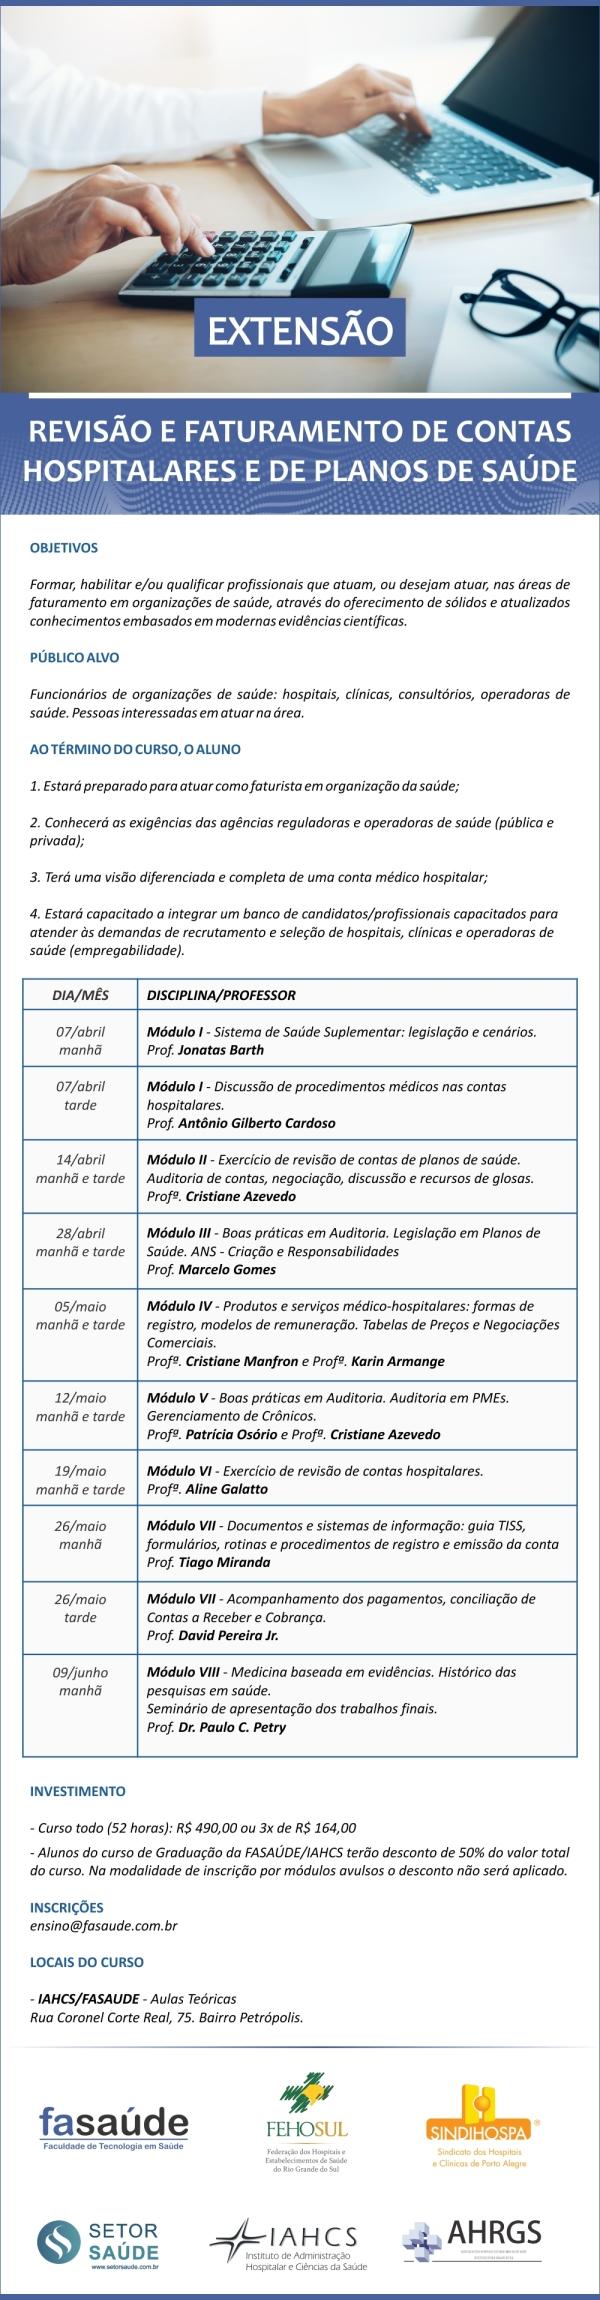 04_07_Curso_Revisao_Faturamento_Contas_Hospitalares